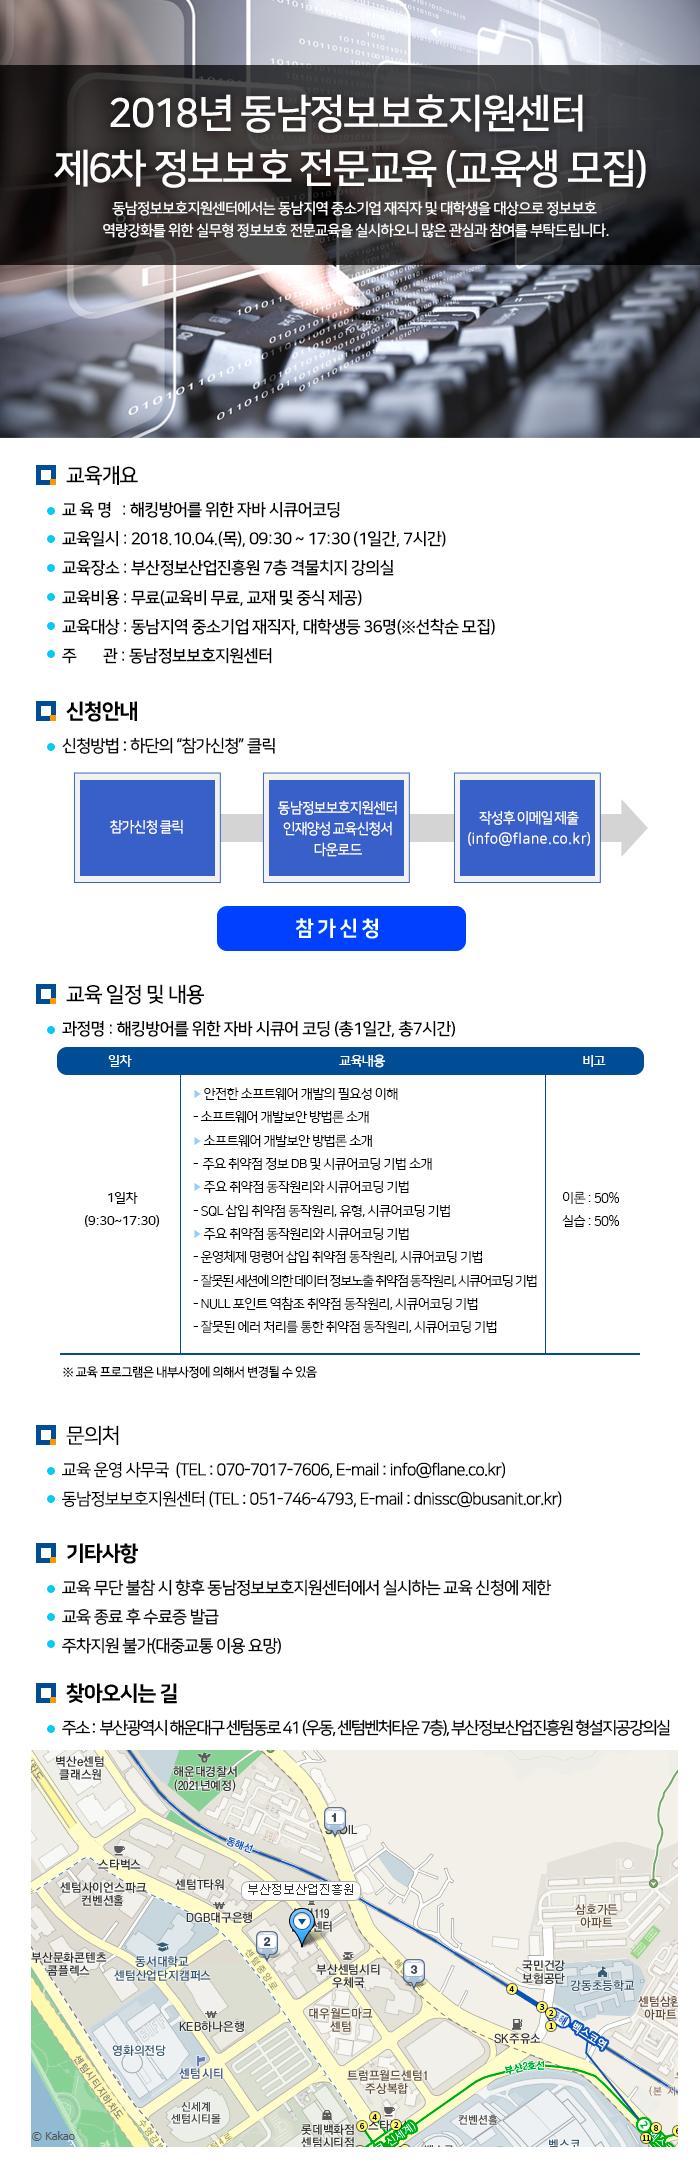 2018년 동남정보보호지원센터 제6차 정보보호 전문교육 (교육생 모집)